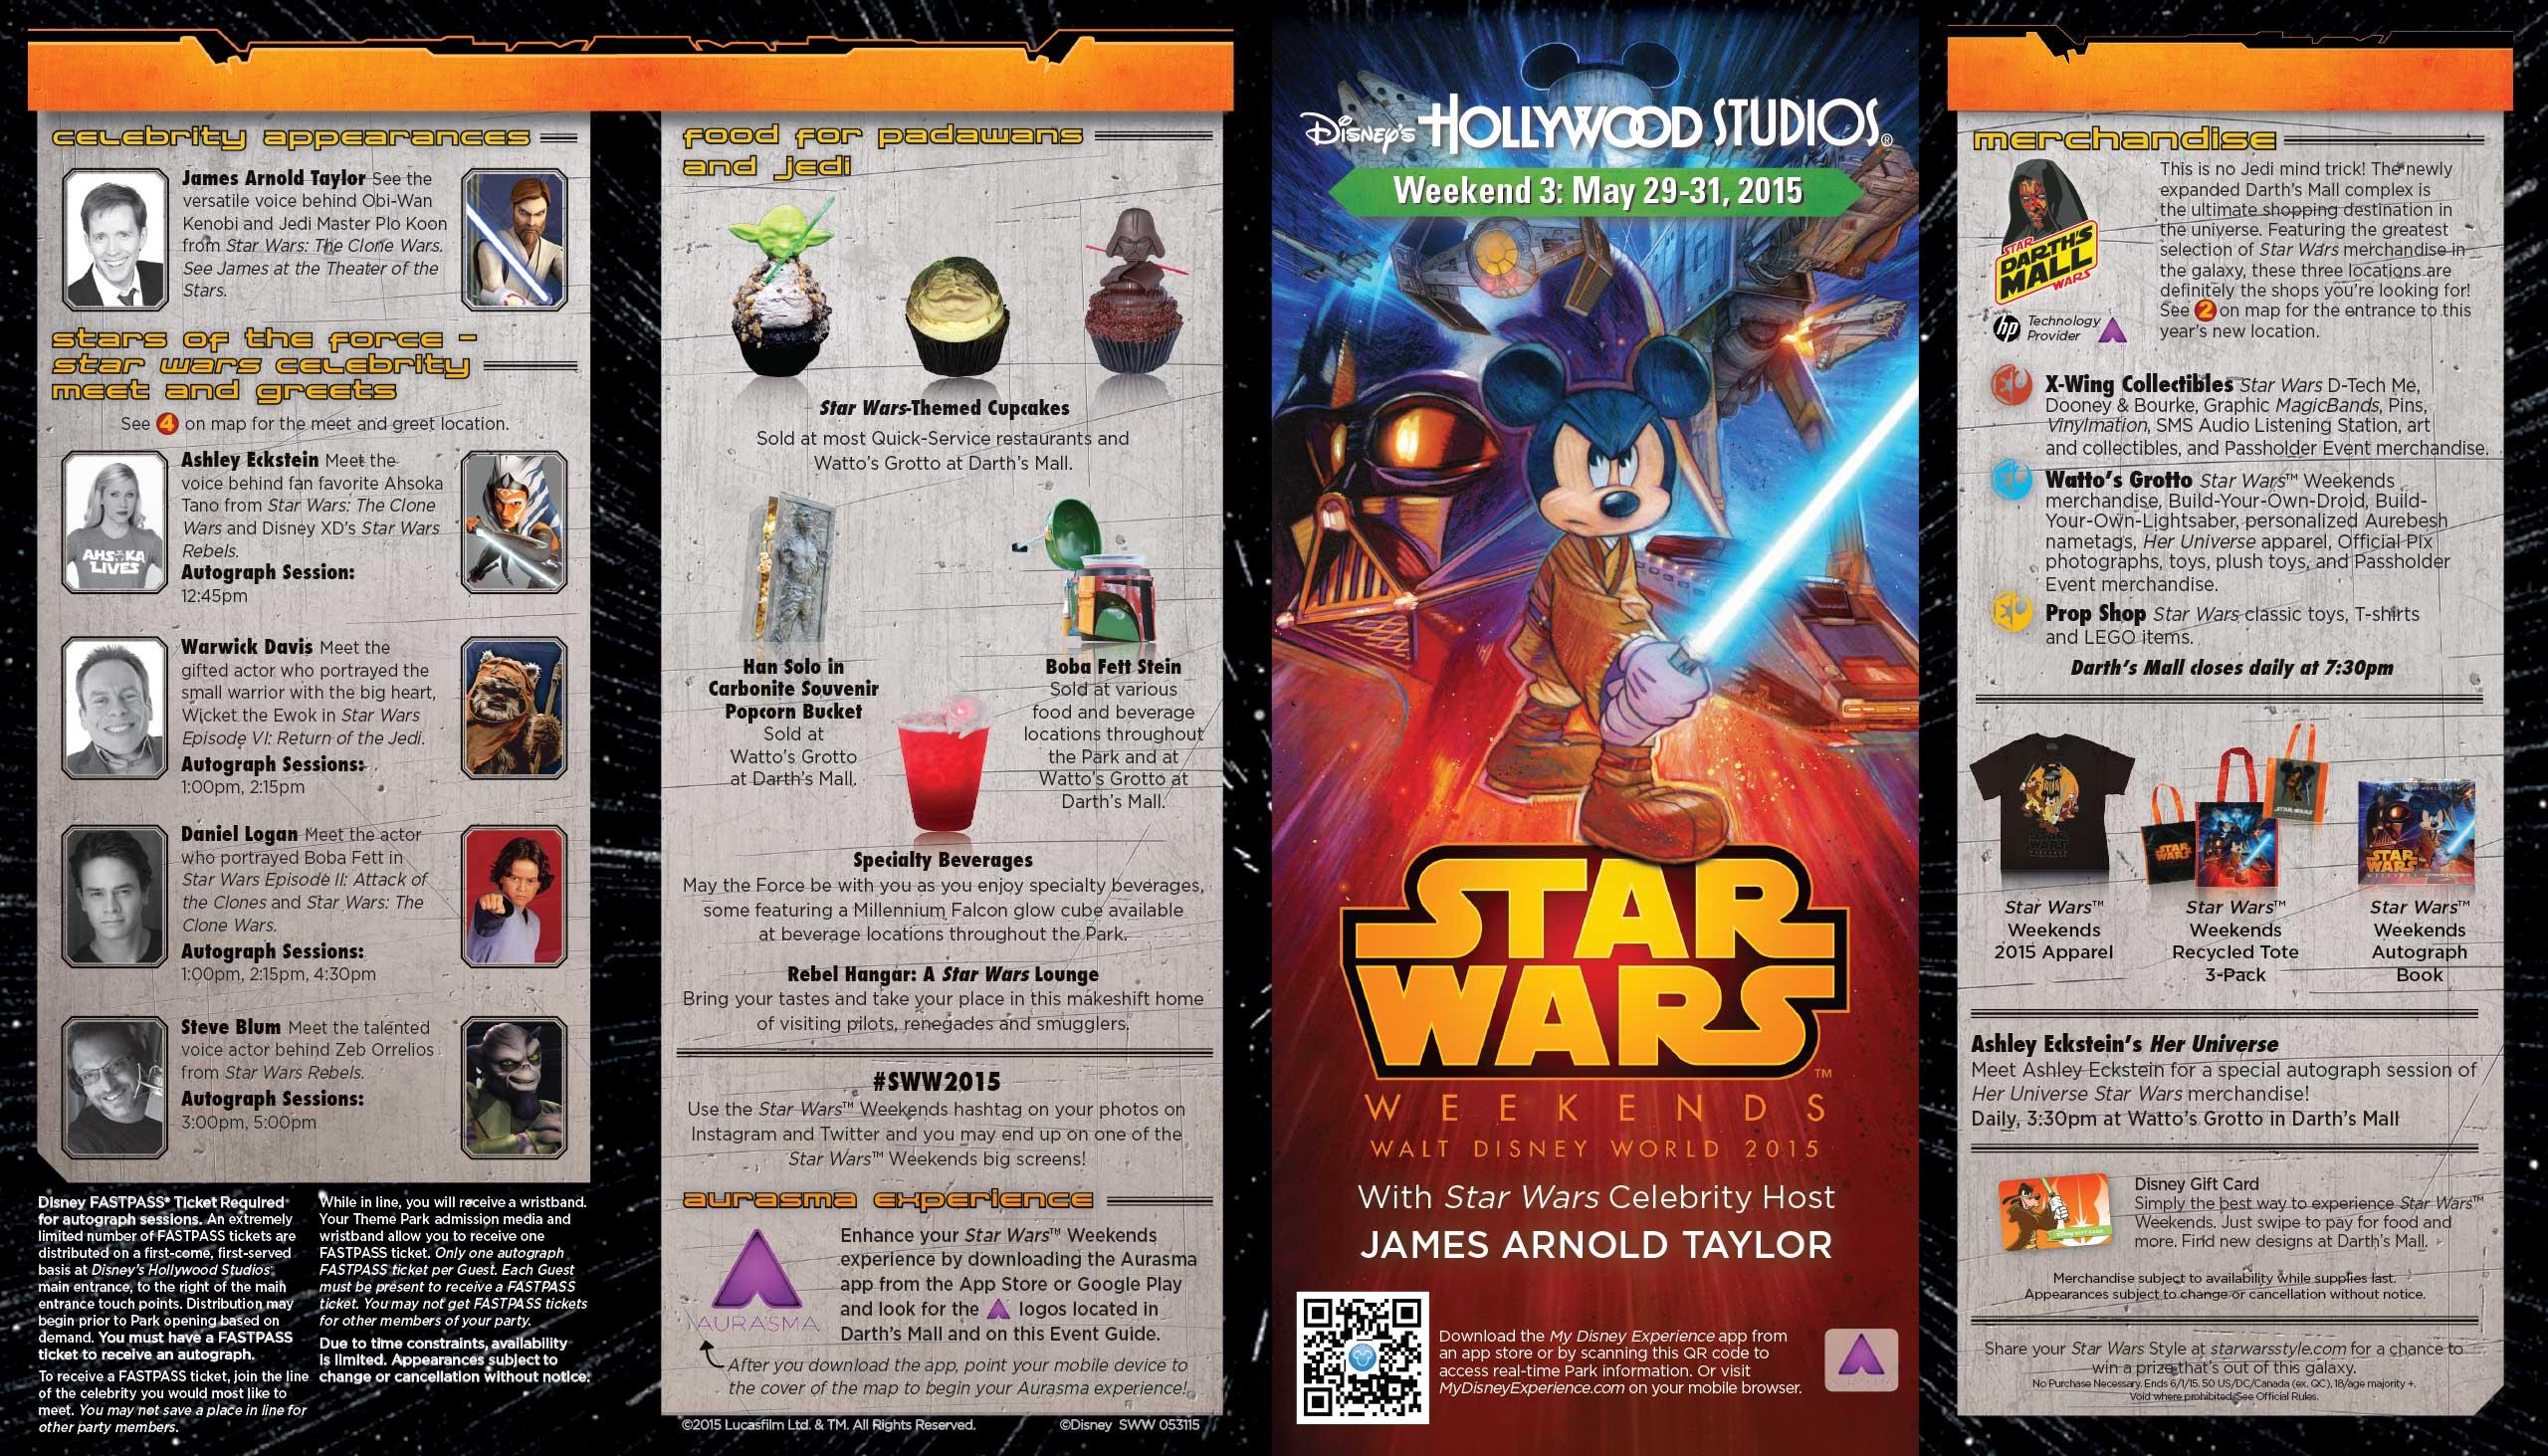 2015 Star Wars Weekends May 29-31 Weekend 3 guide map